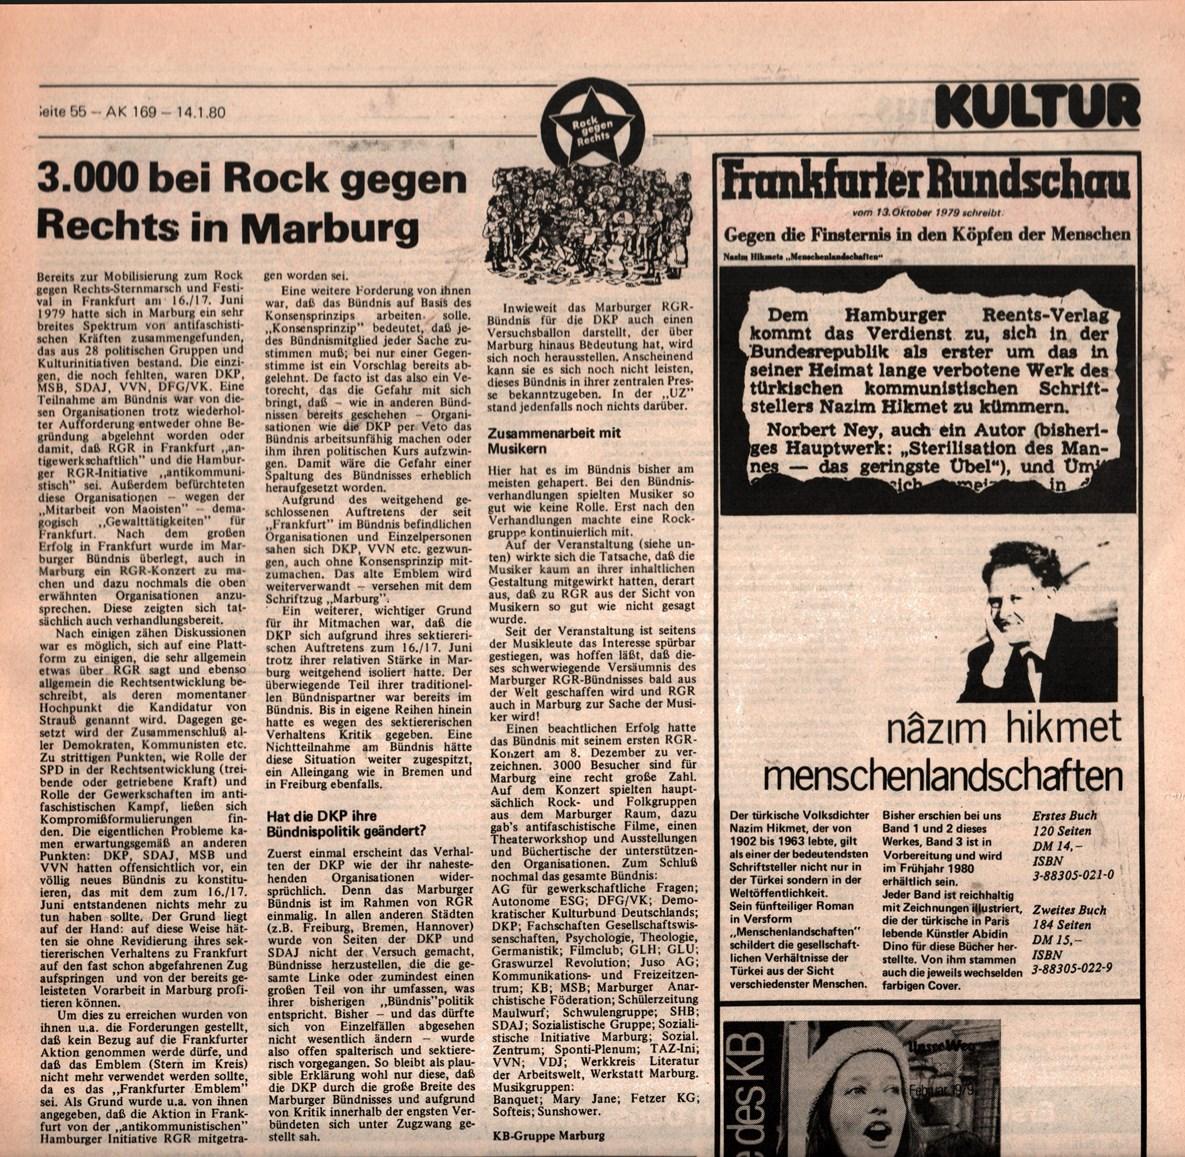 KB_AK_1980_169_103